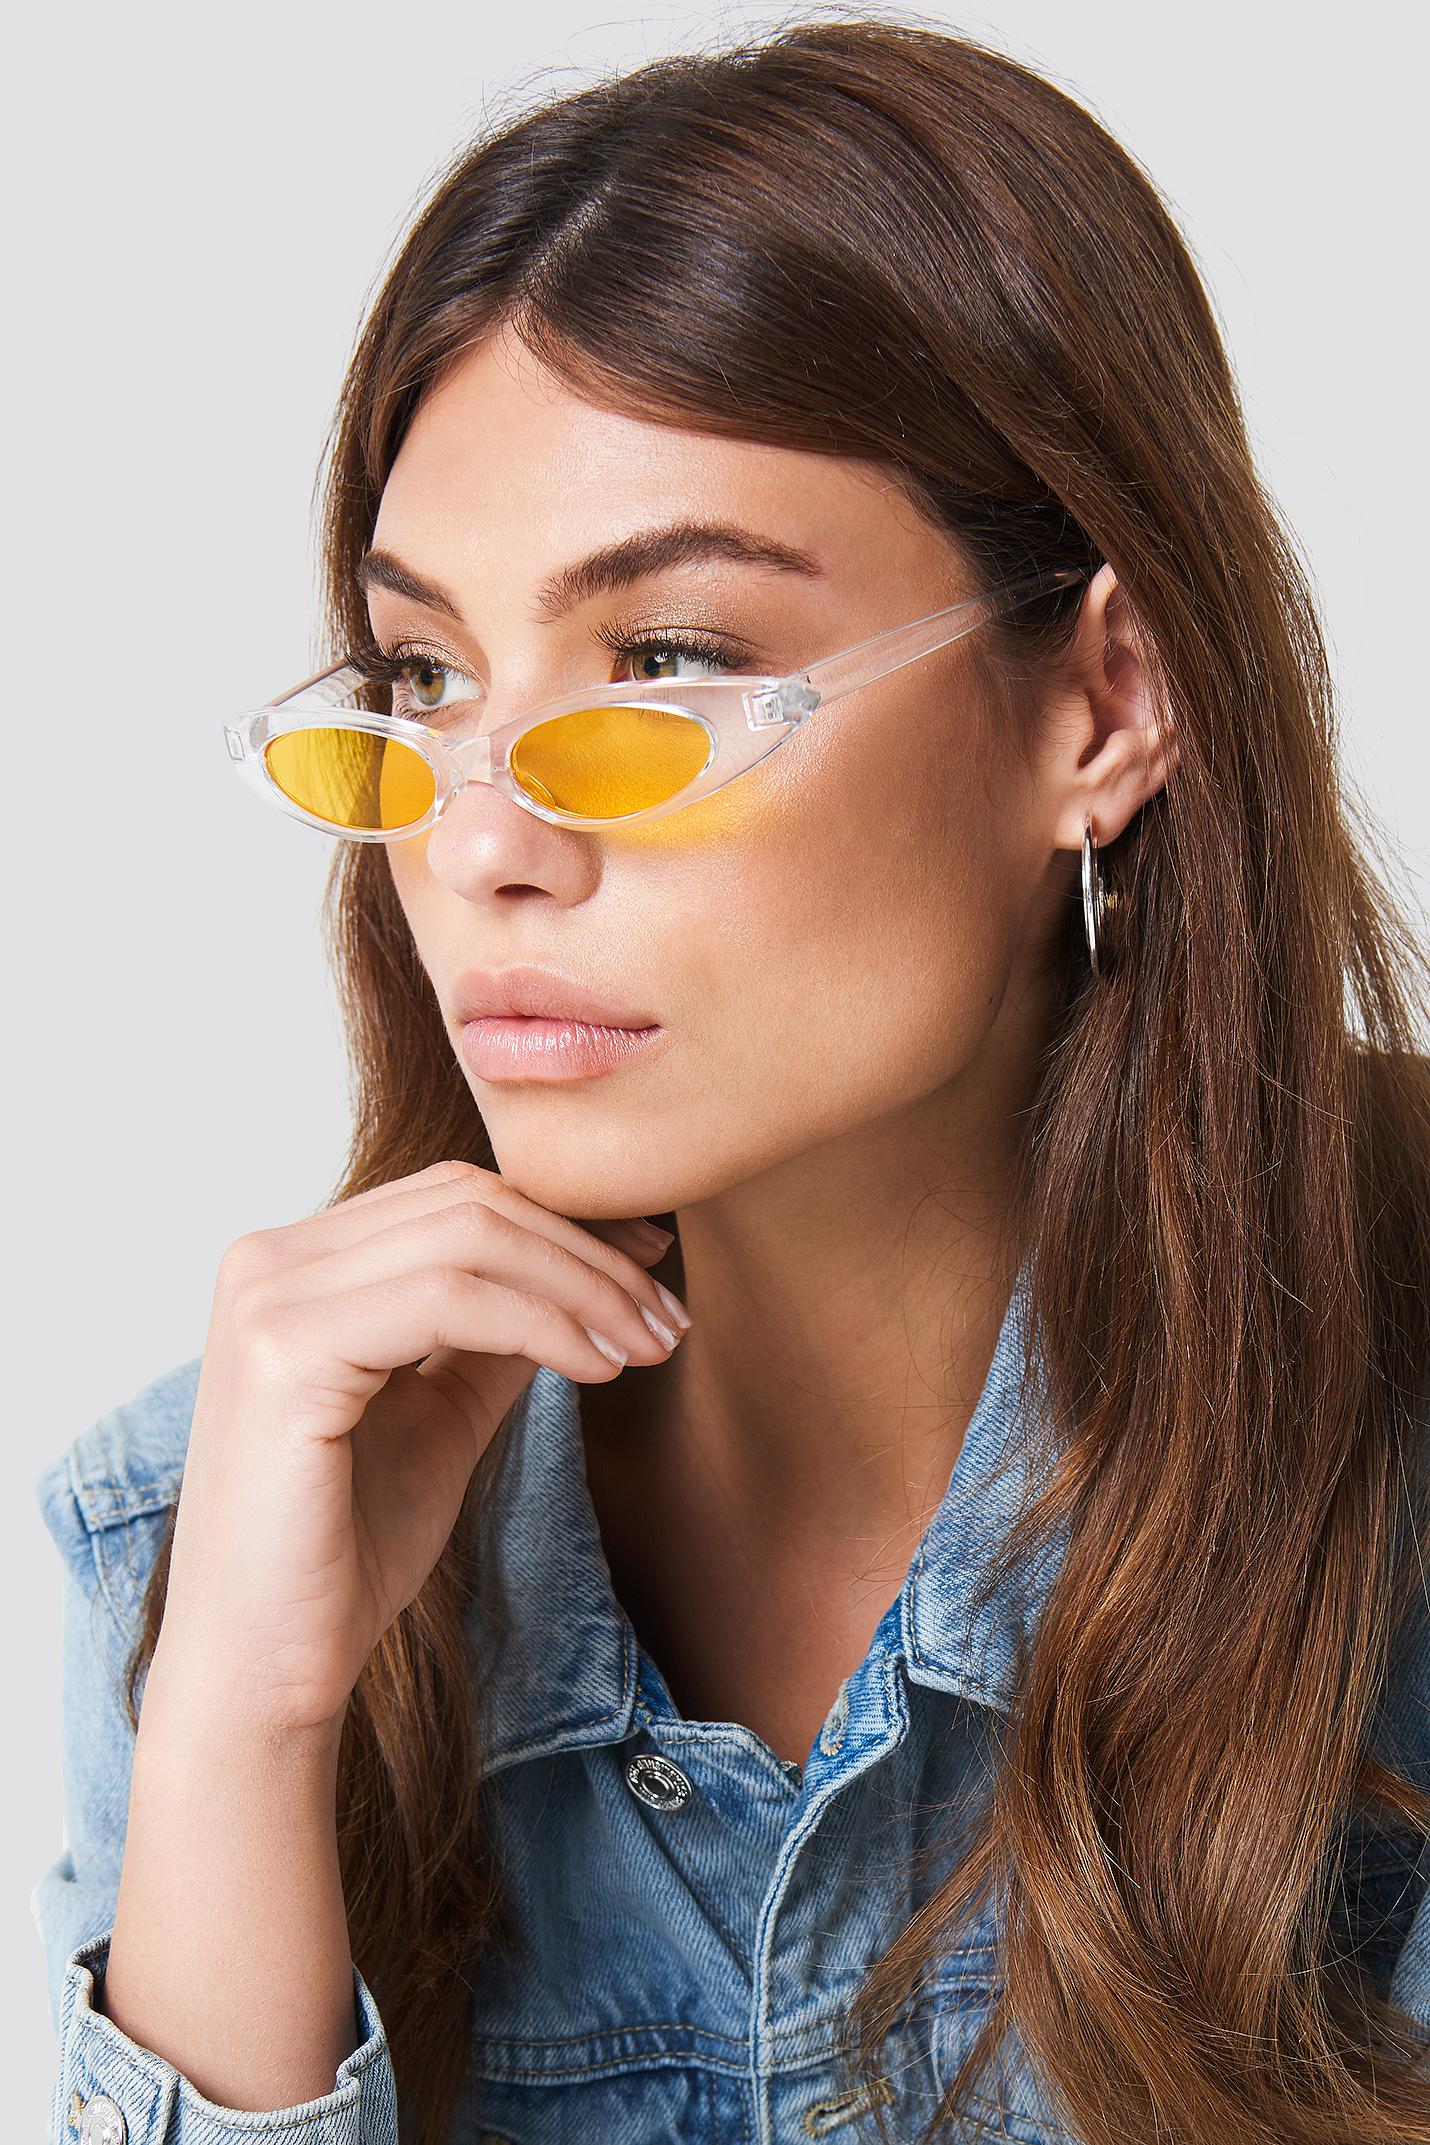 na-kd accessories -  Slim Retro Cateye Sunglasses - White,Yellow